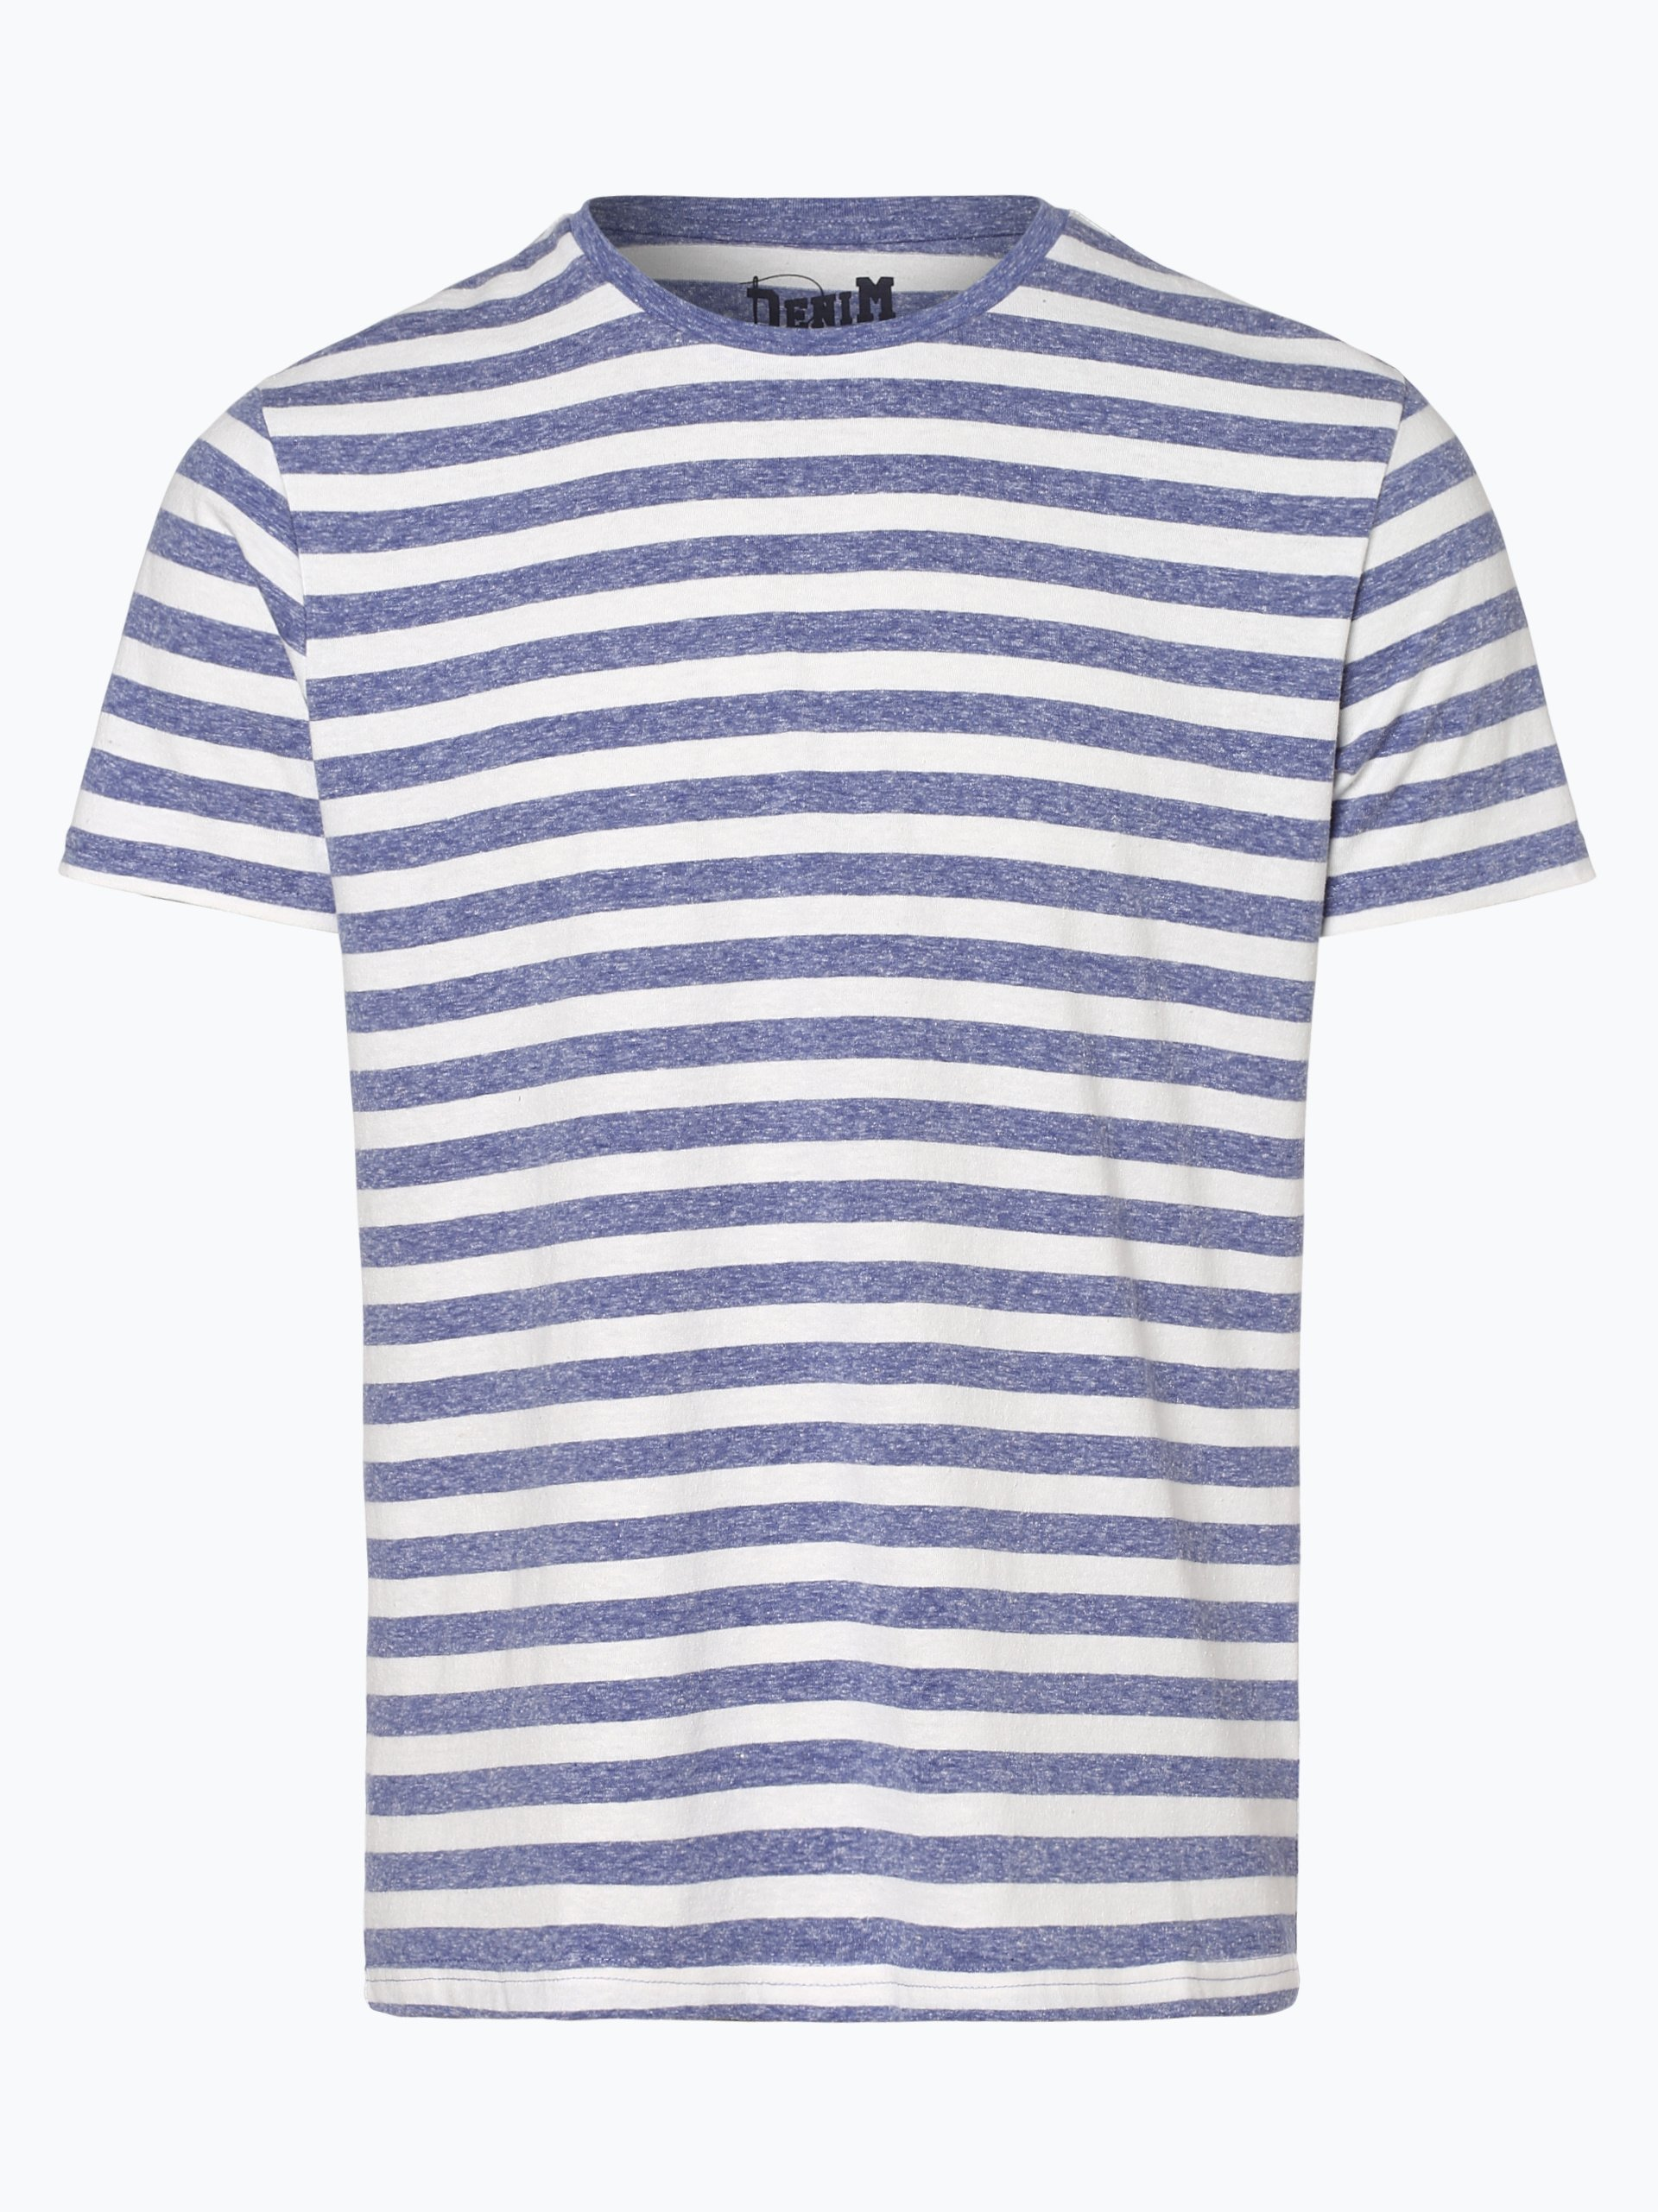 DENIM by Nils Sundström Herren T-Shirt